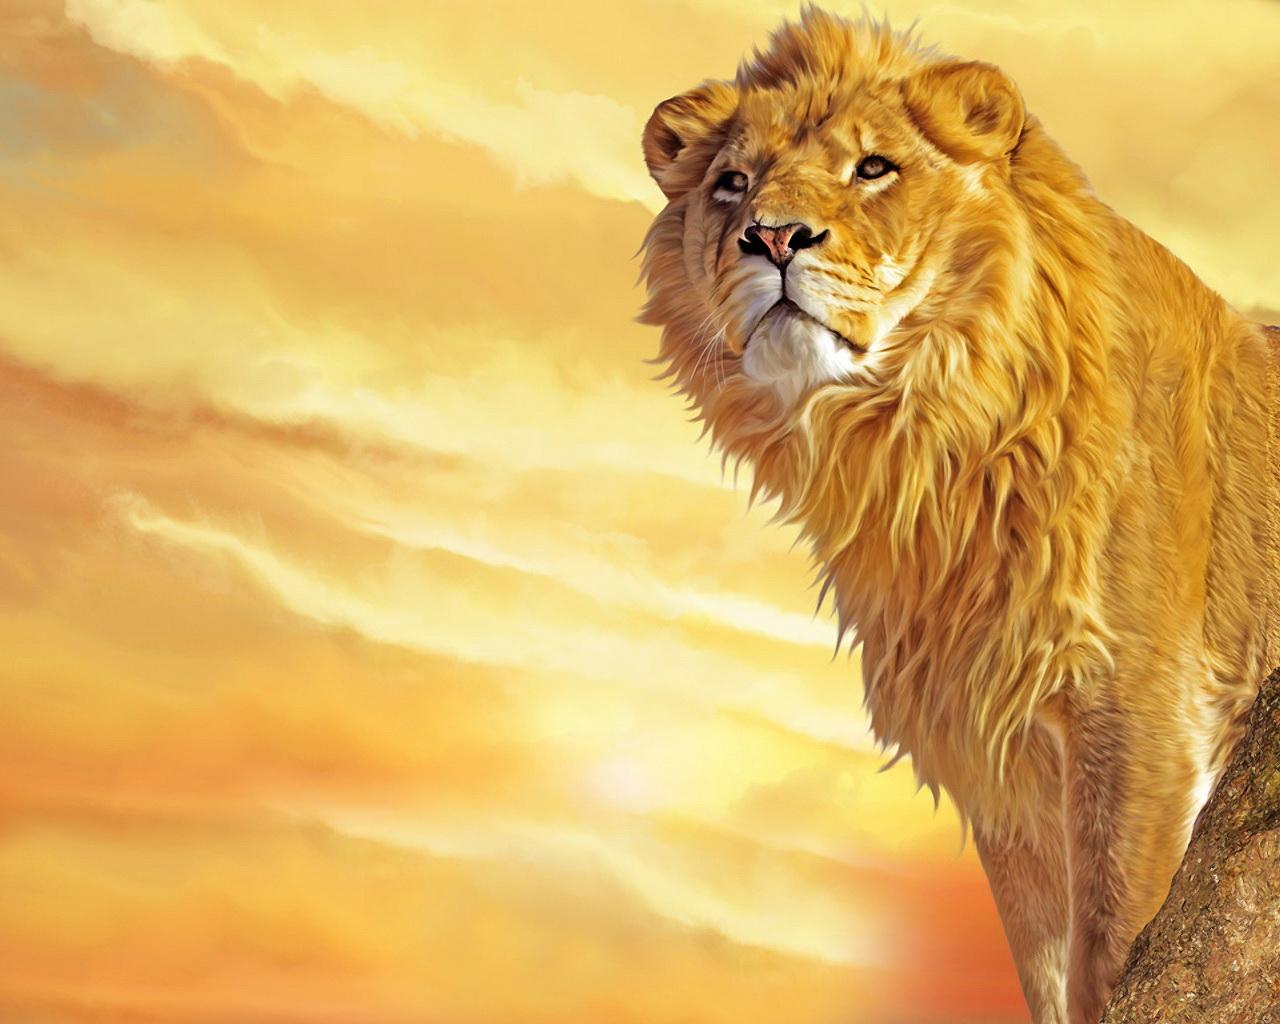 закат, фото, рисунок, лев стоит, фото львов